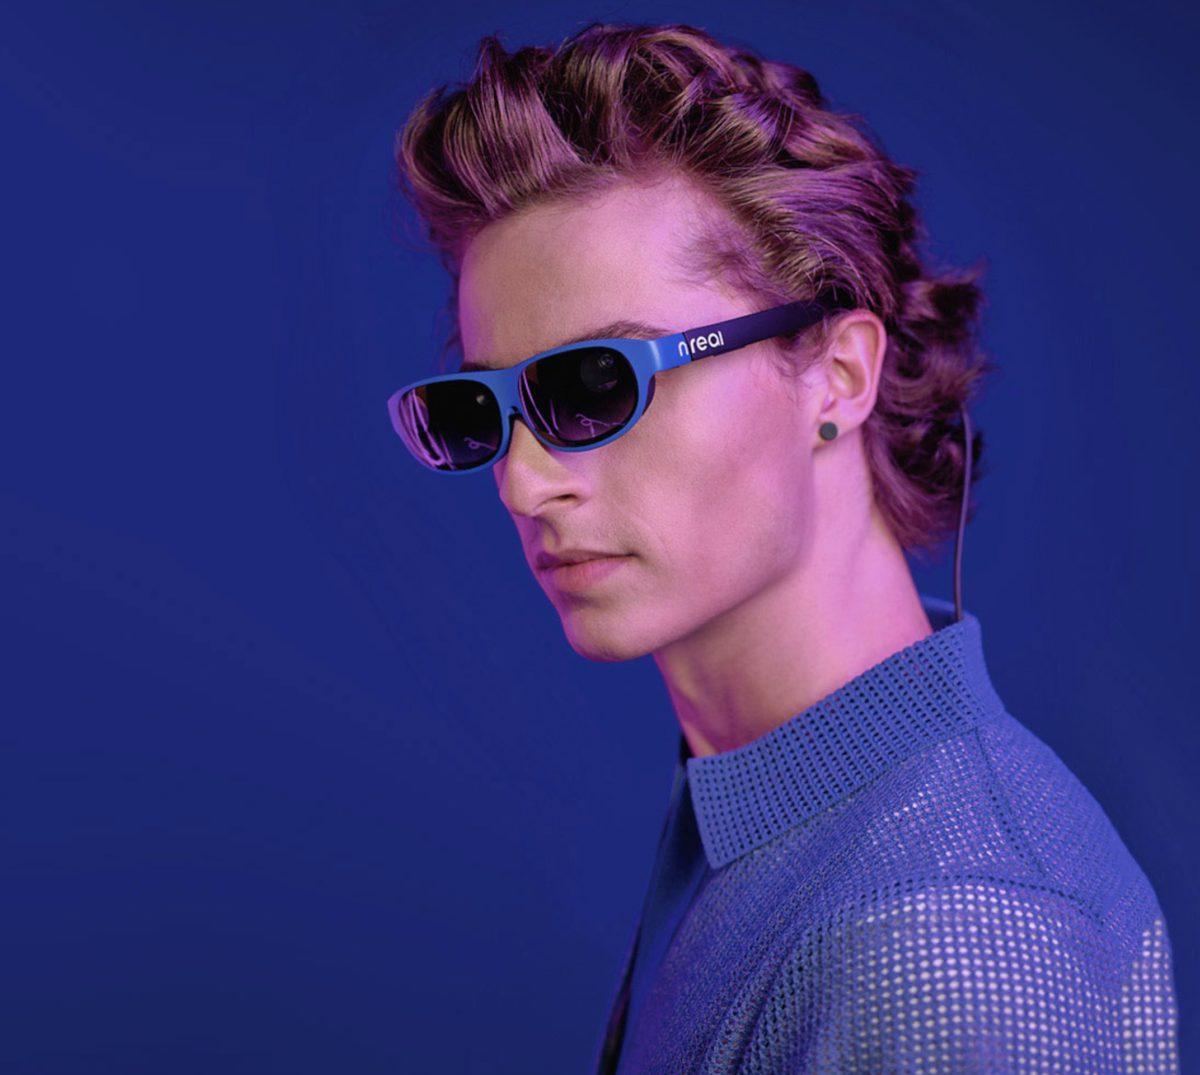 nreal AR 眼鏡如 Facebook 正在研發的 VR 眼鏡一樣輕盈。